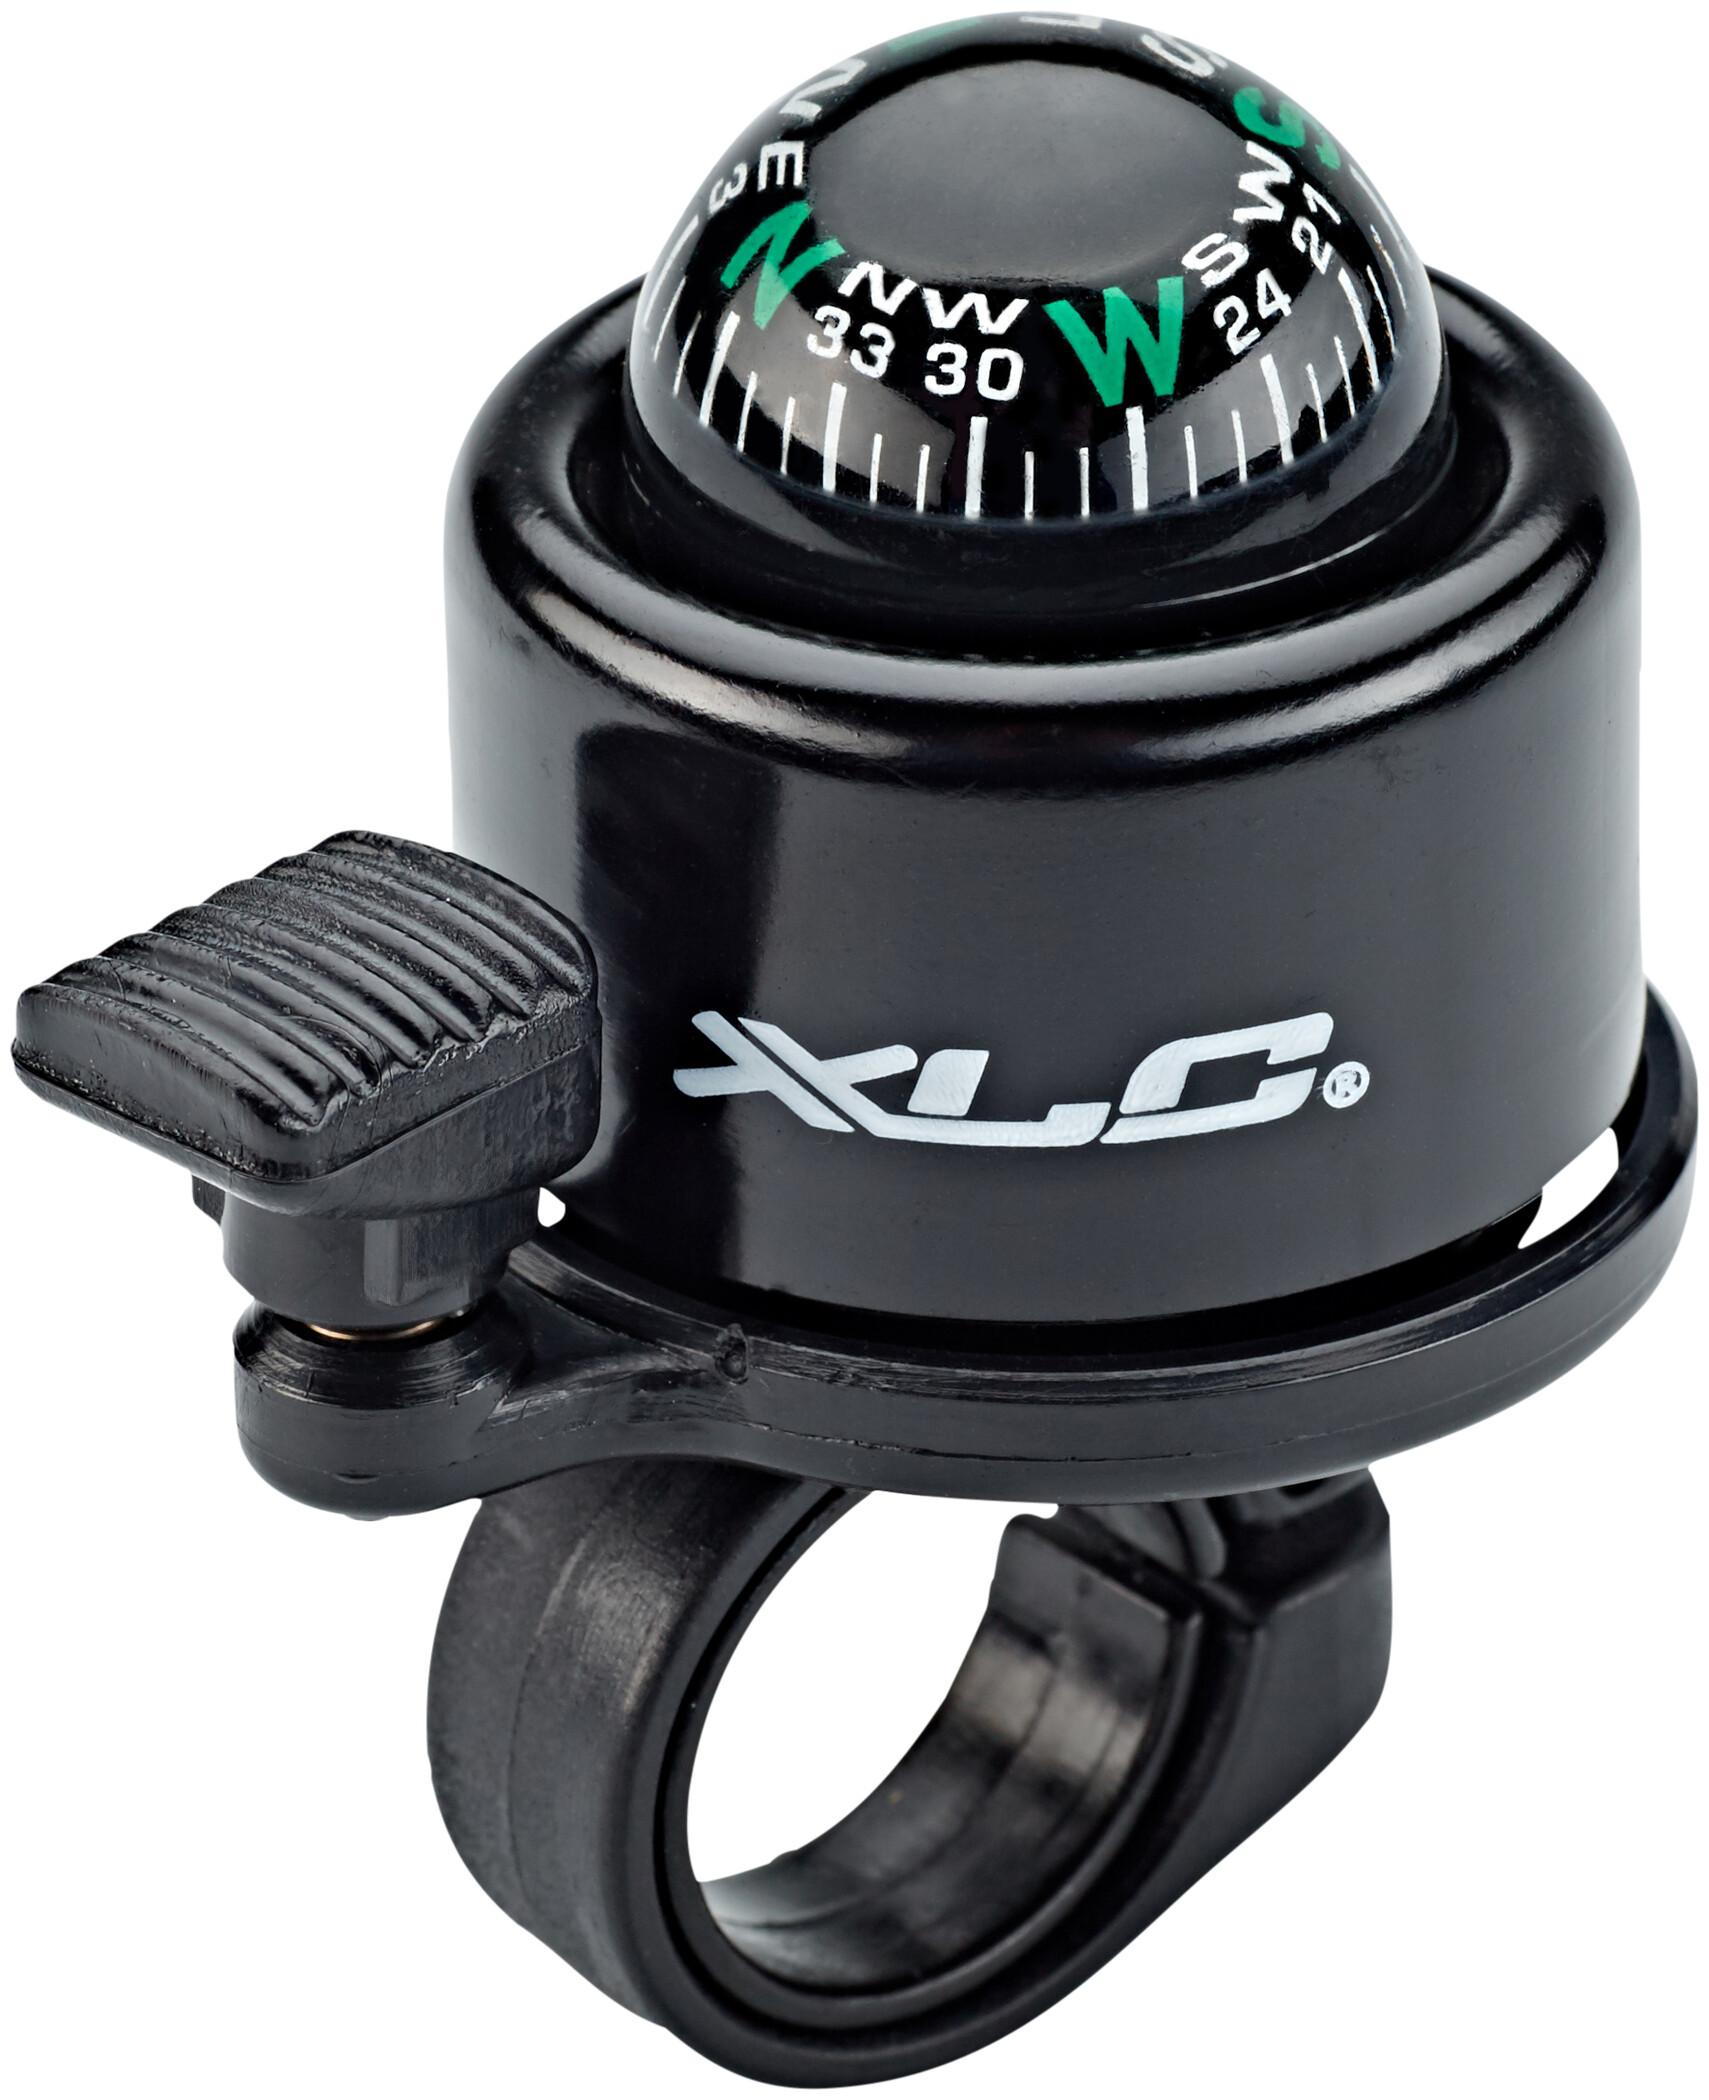 XLC Miniklokke med kompas DD-M23, black | Bells